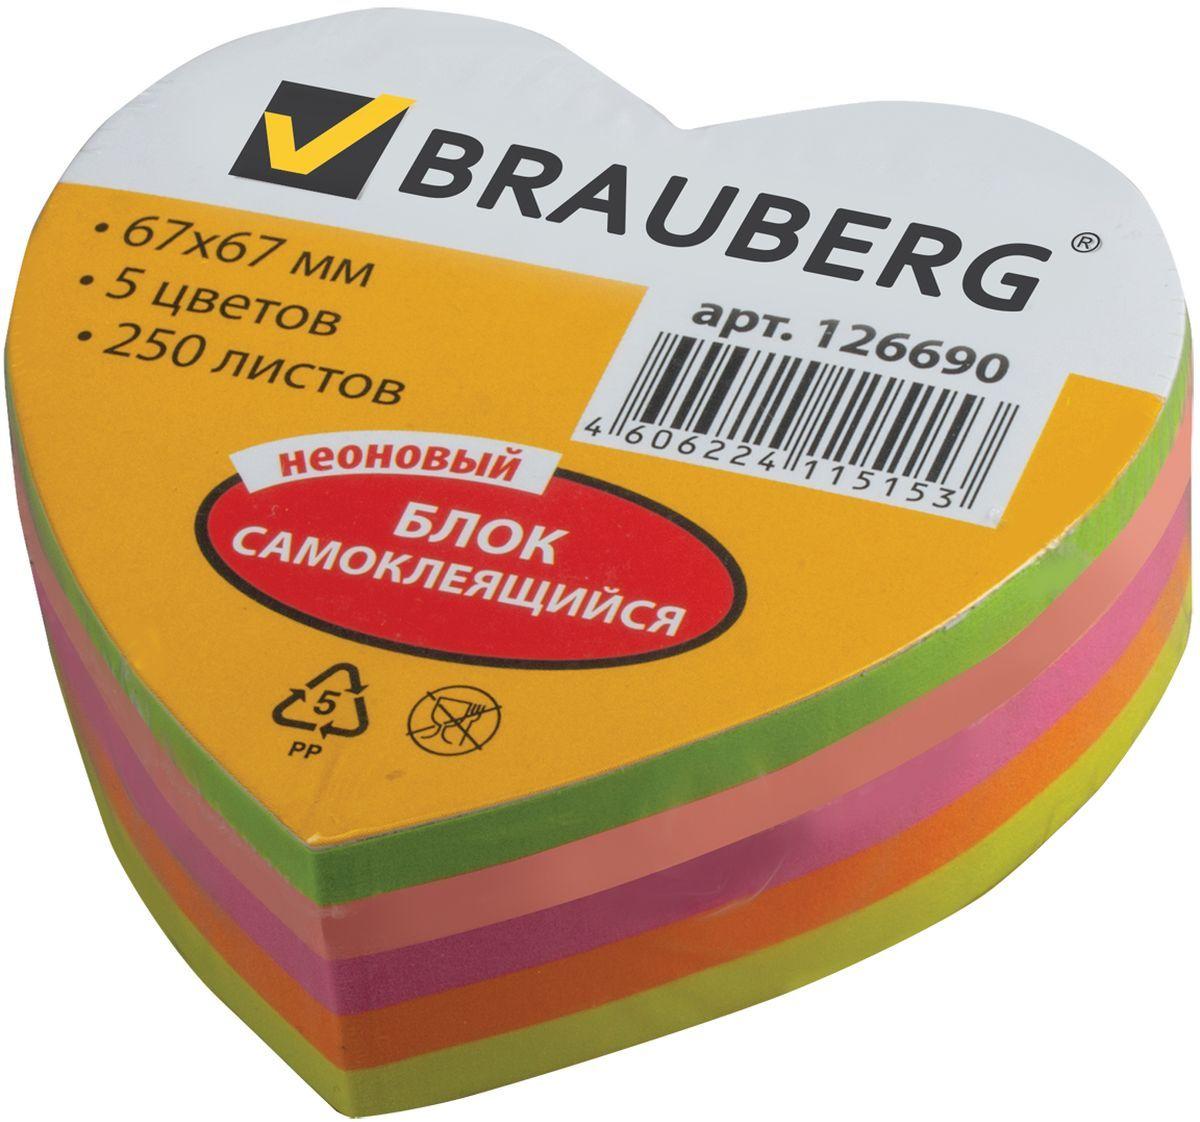 Brauberg Бумага для заметок Сердце 250 листов126690Яркая бумага для заметок Brauberg Сердце непременно привлечет к себе внимание. Бумага состоит из двухсот пятидесяти разноцветных листочков, которые удобны для заметок, объявлений и других коротких сообщений. Листочки легко приклеиваются к любой поверхности, будь то бумага, корпус монитора или дверь. Также они не оставляют следов после отклеивания.